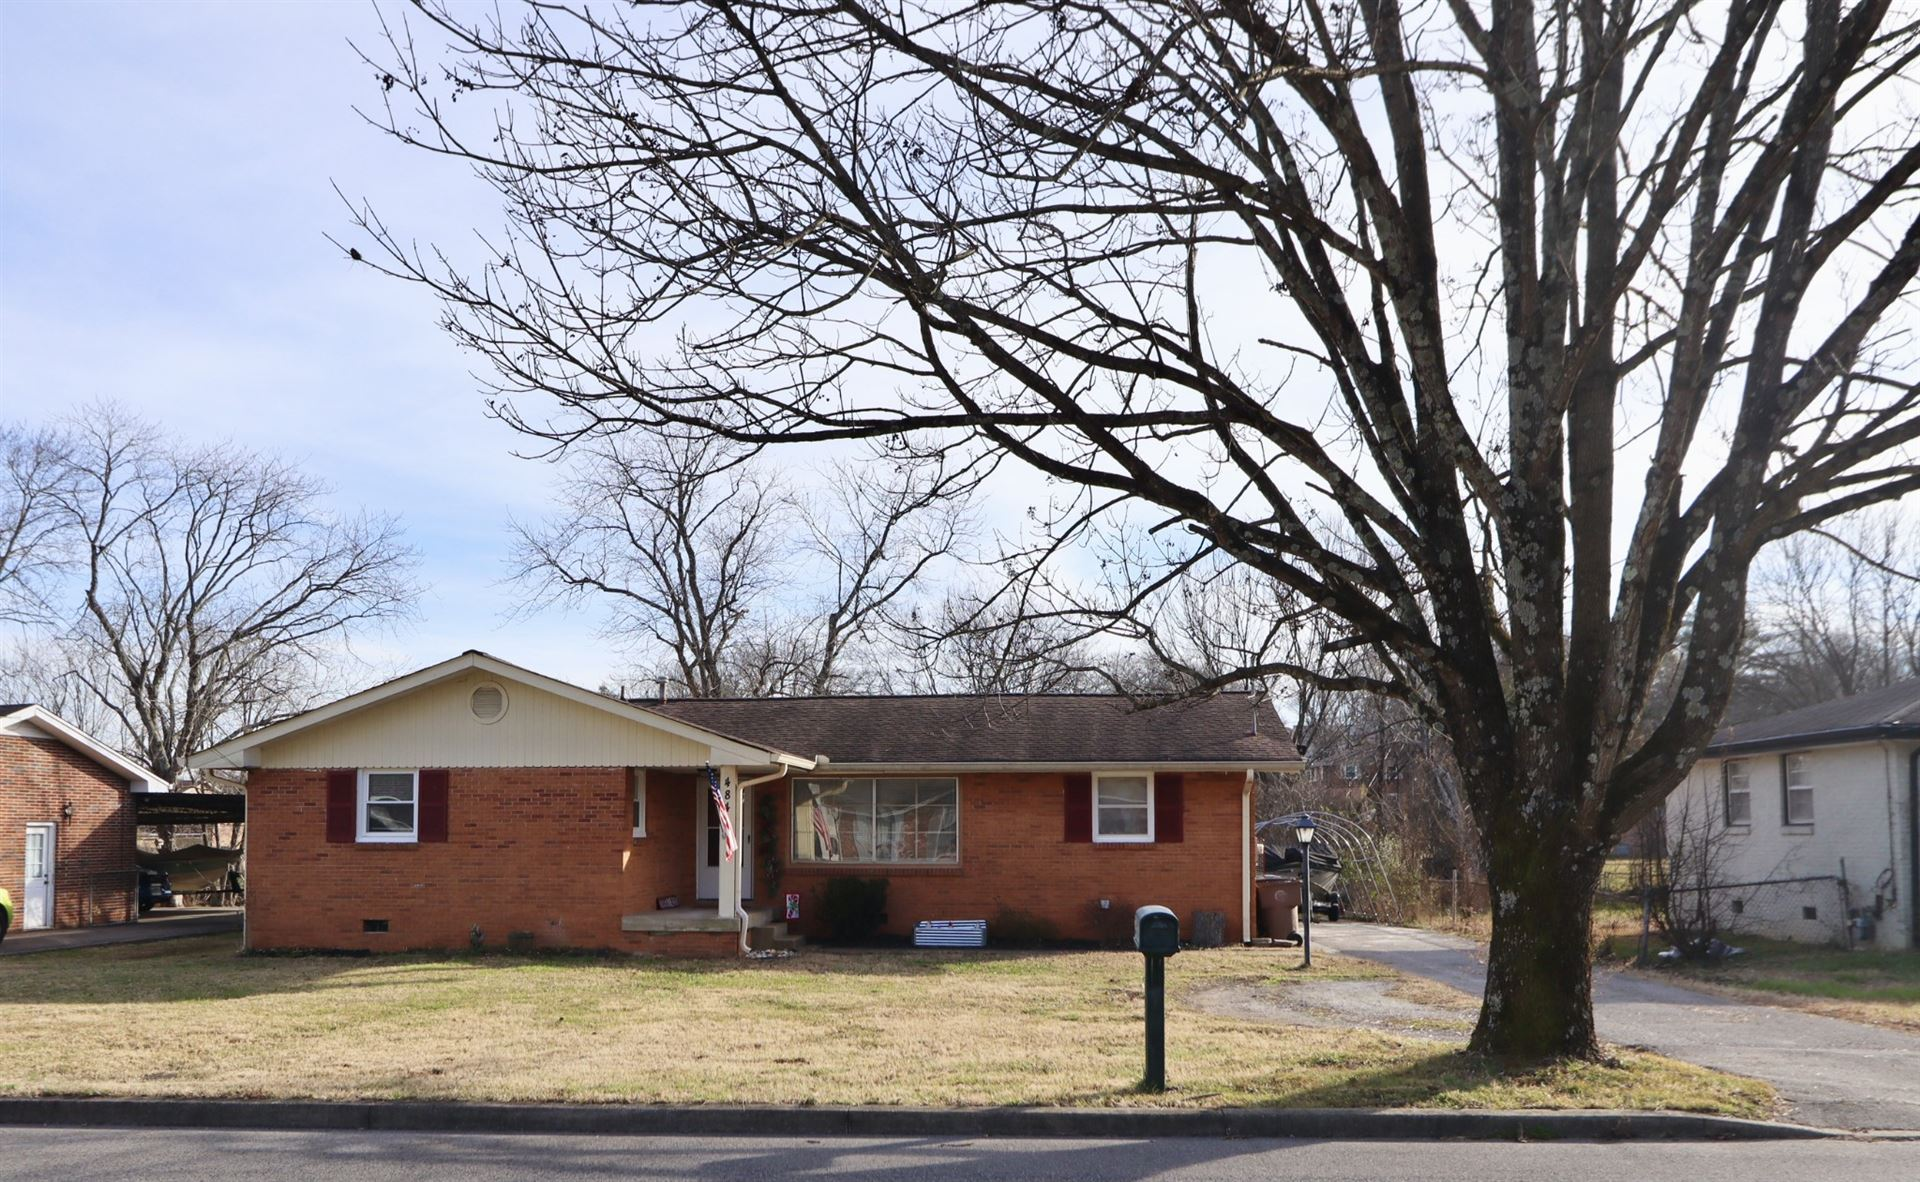 484 Rural Hill Rd, Nashville, TN 37217 - MLS#: 2218236